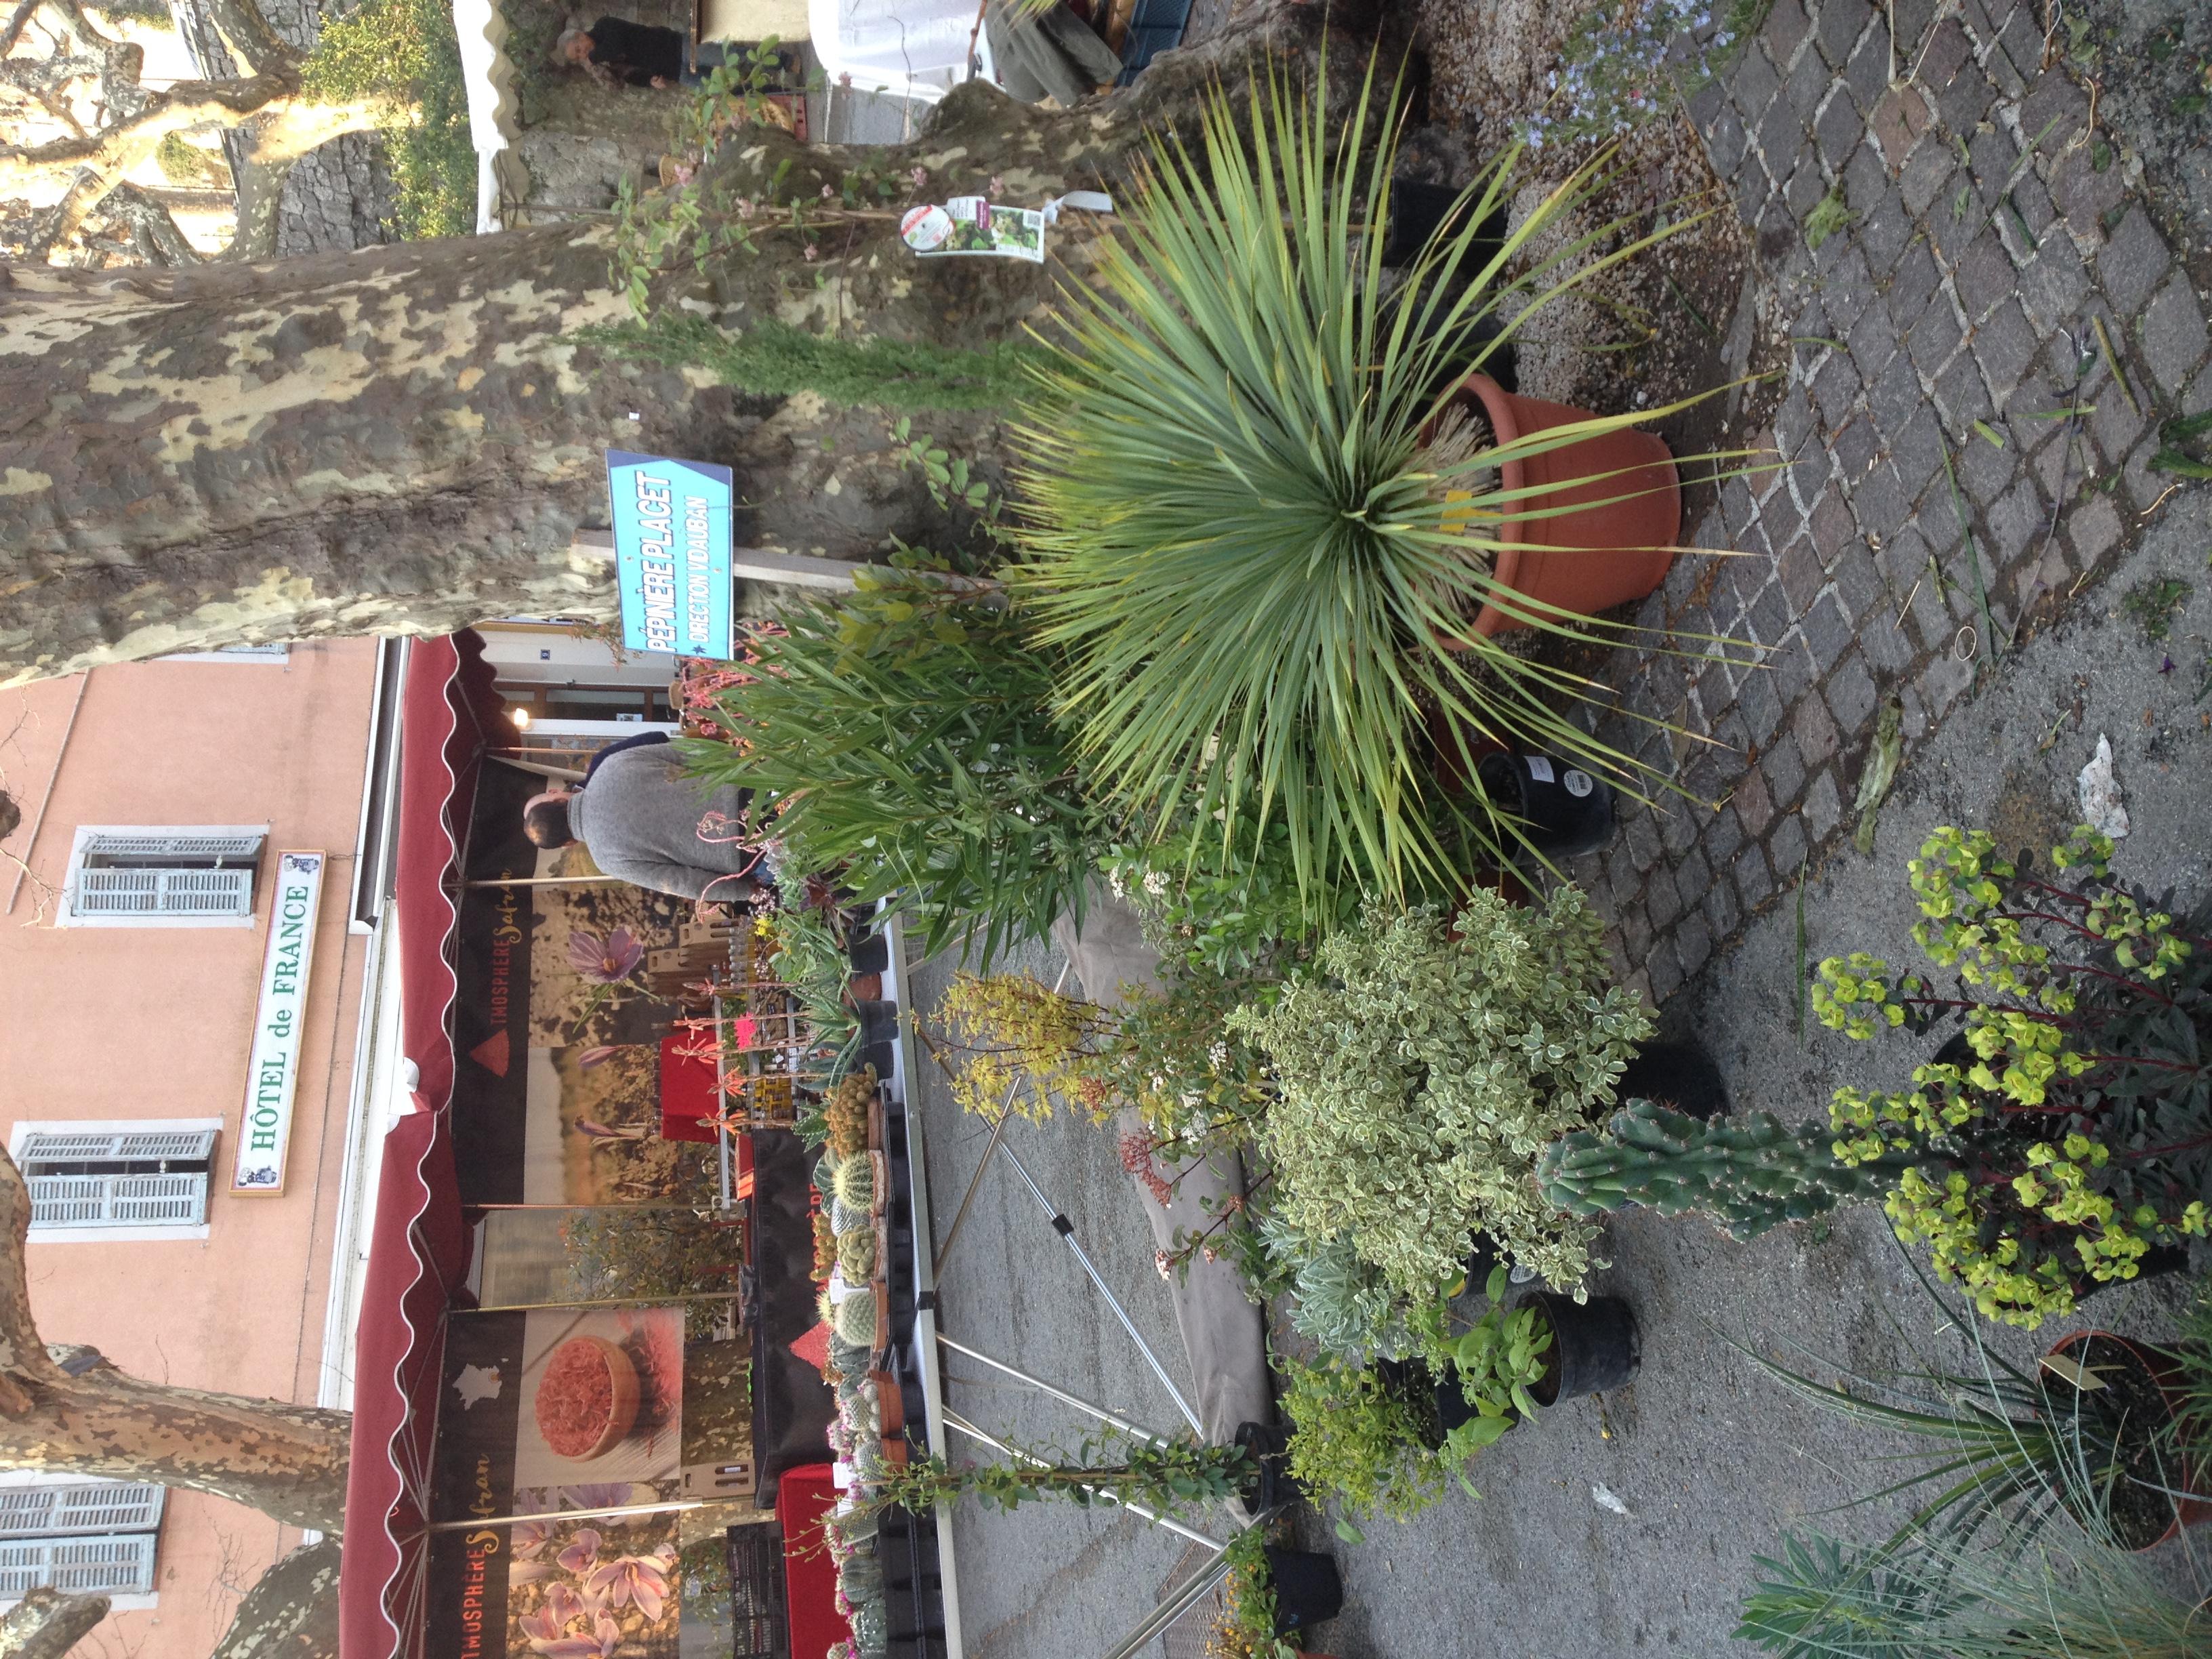 Fête des jardins - Callas 2018